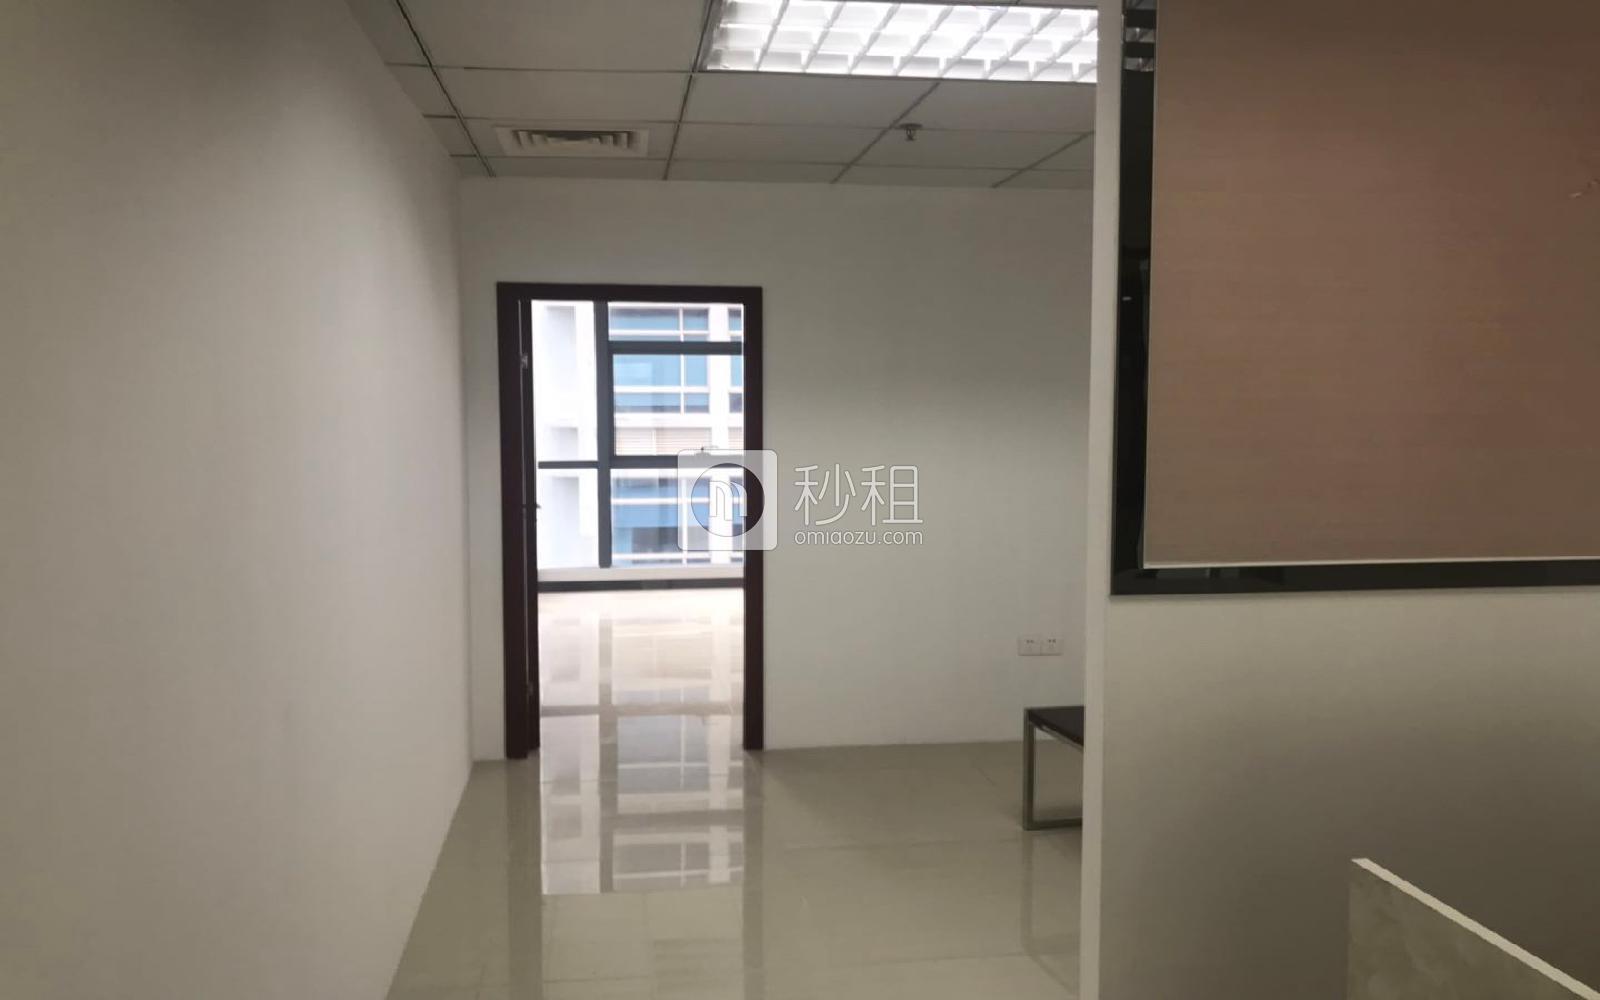 尚美中心大厦写字楼出租115平米简装办公室75元/m².月